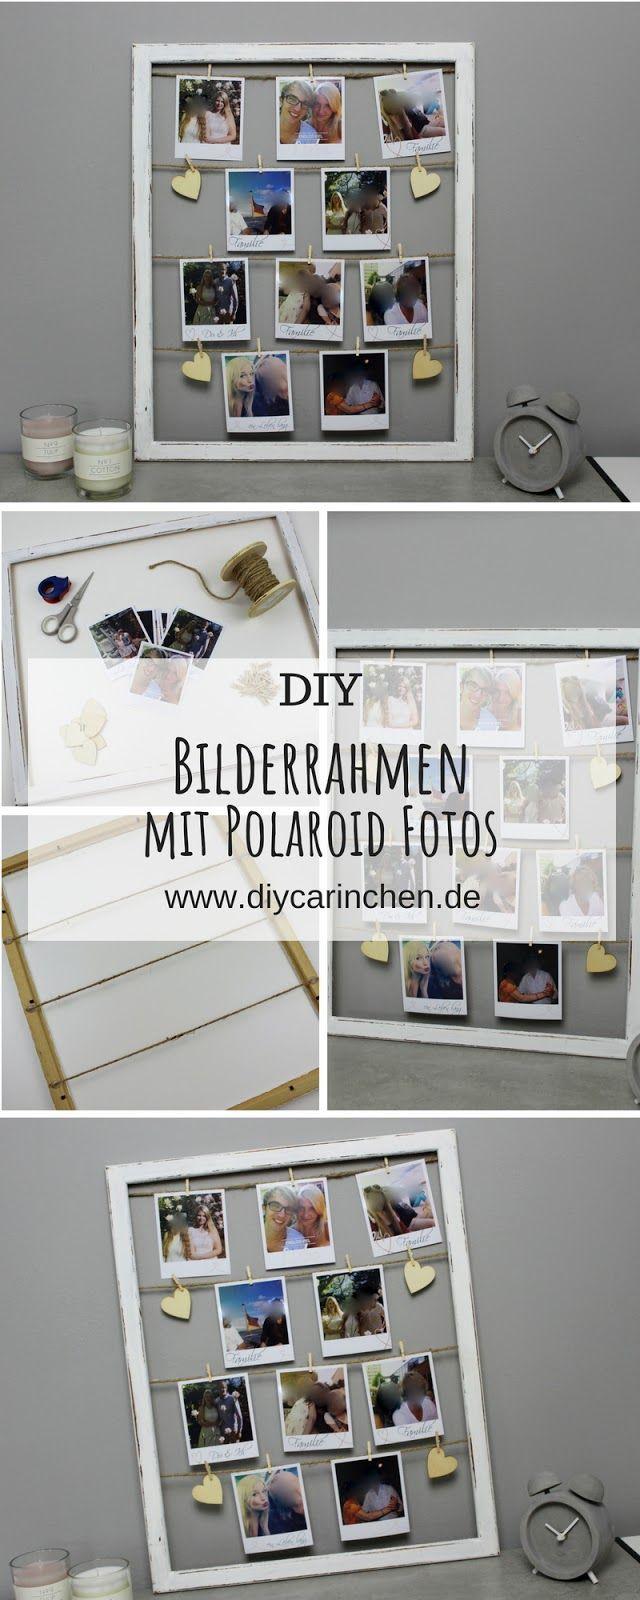 Photo of DIY ausgefallener Bilderrahmen mit Fotos im Polaroid-Stil se